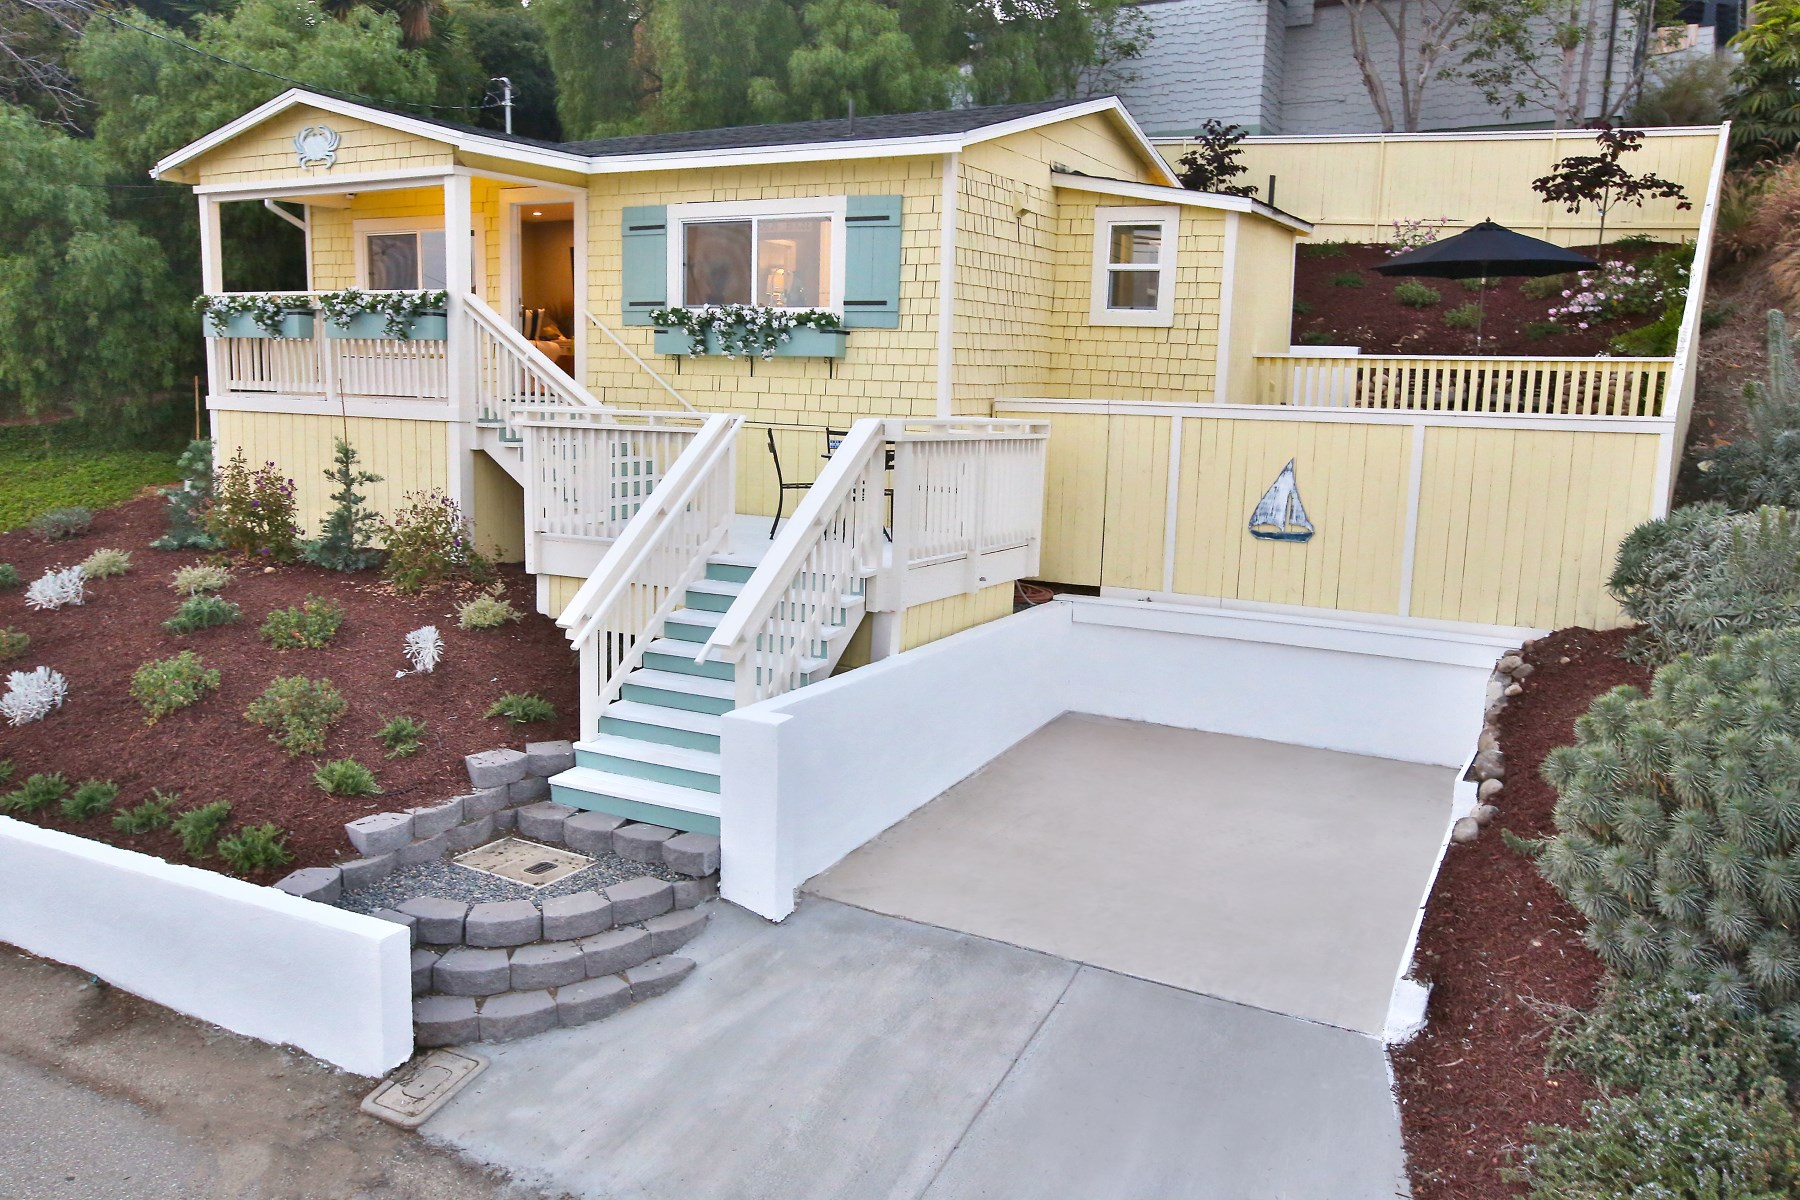 一戸建て のために 売買 アット Exquisitely Remodeled Summerland Cottage 2304 Varley Street Summerland, カリフォルニア, 93067 アメリカ合衆国